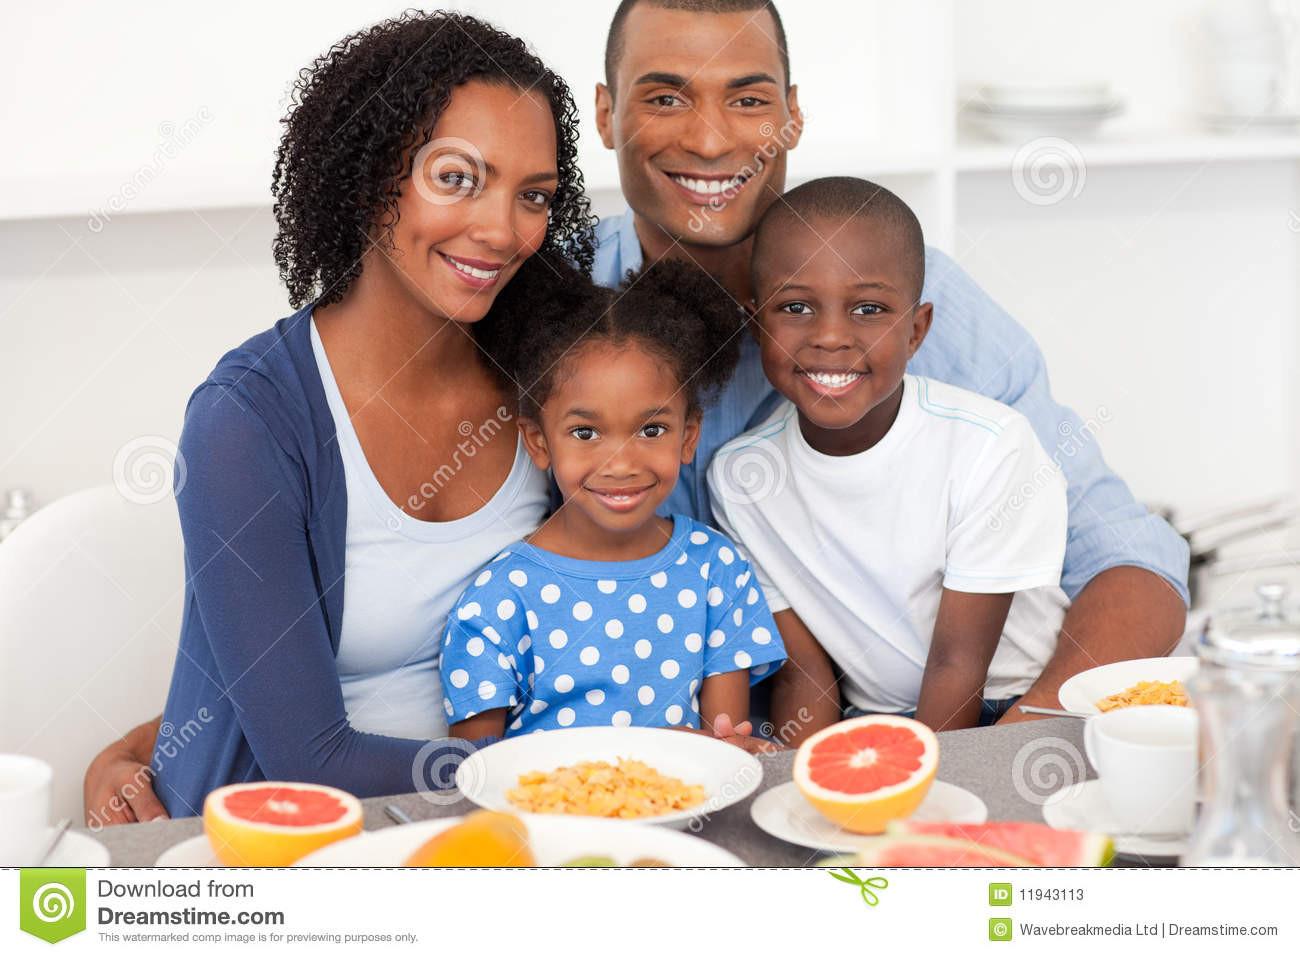 Healthy Family Breakfast  Happy Family Having Healthy Breakfast Stock s Image